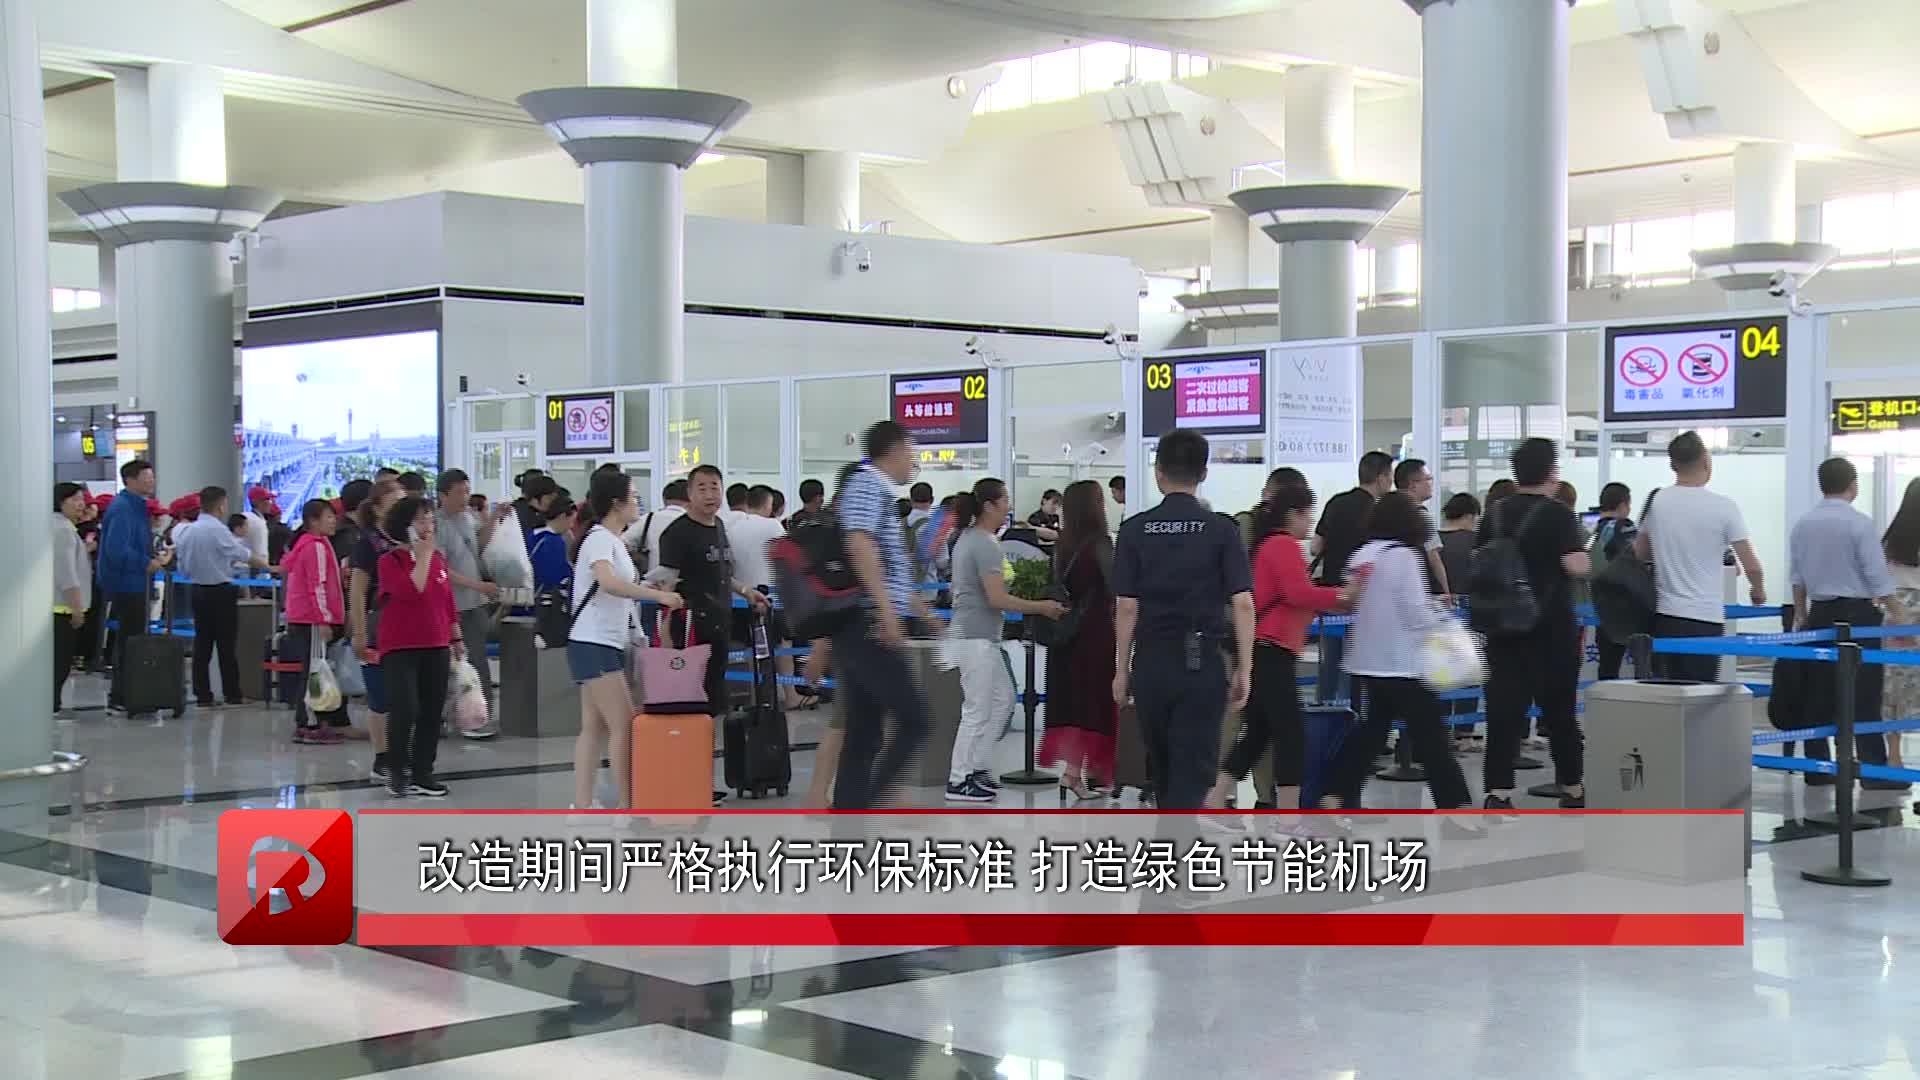 长沙黄花机场T1航站楼今日启用 乘客直点赞